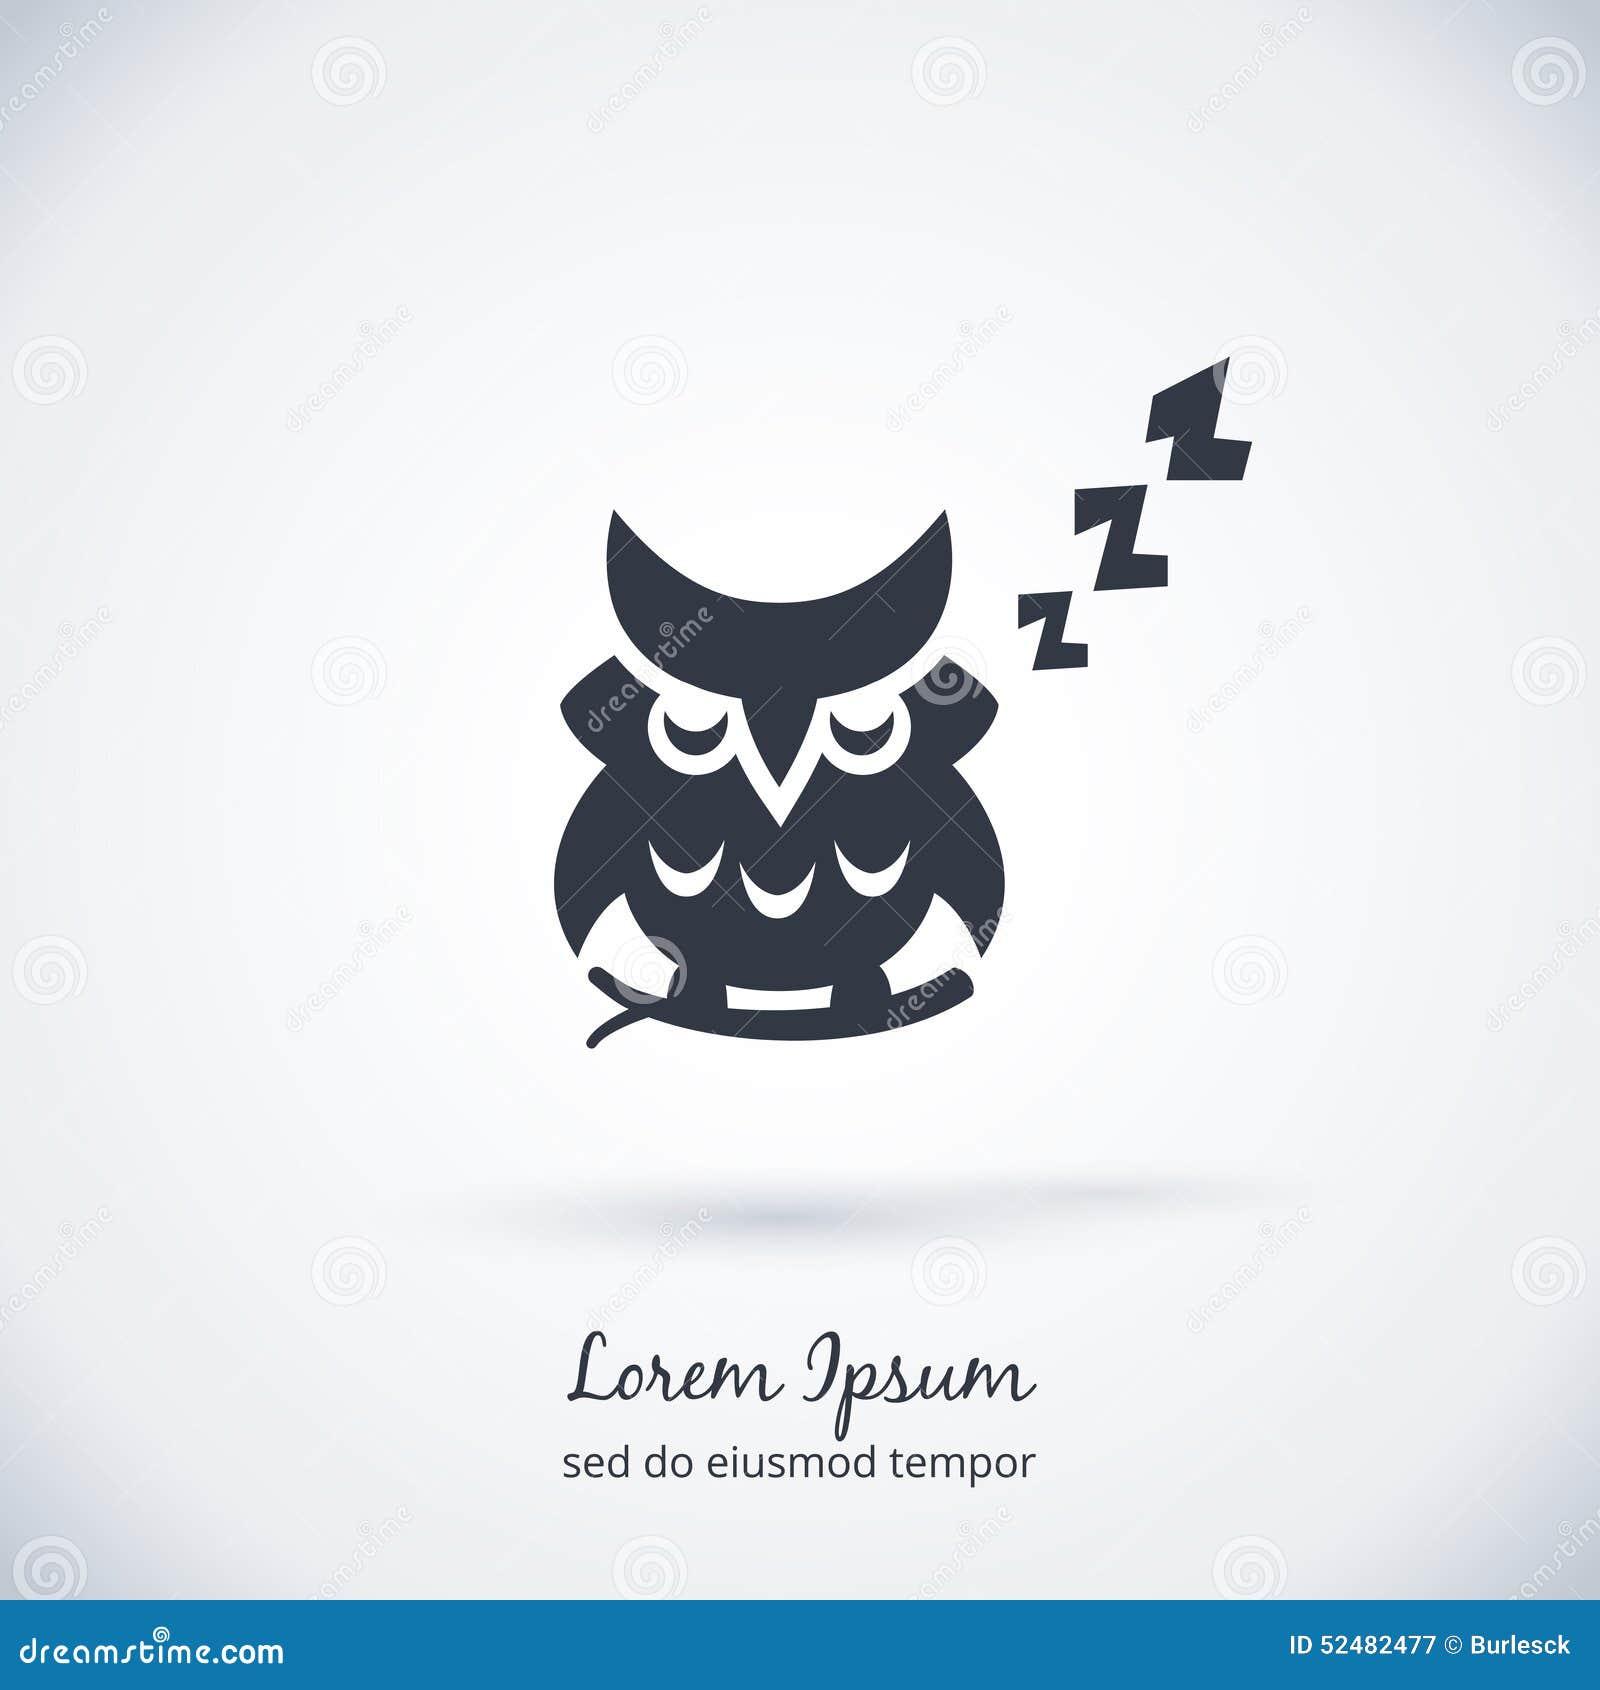 Sleeping Owl Logo Dream Concept Icon Stock Vector Image